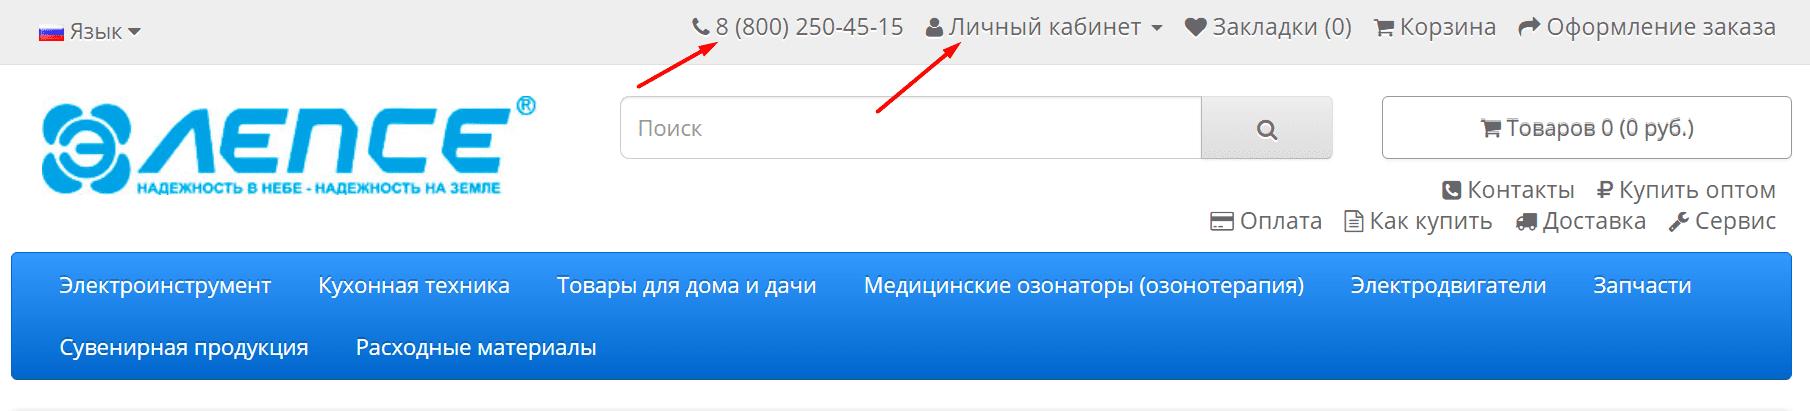 """Официальный сайт интернет-магазина """"Лепсе"""""""